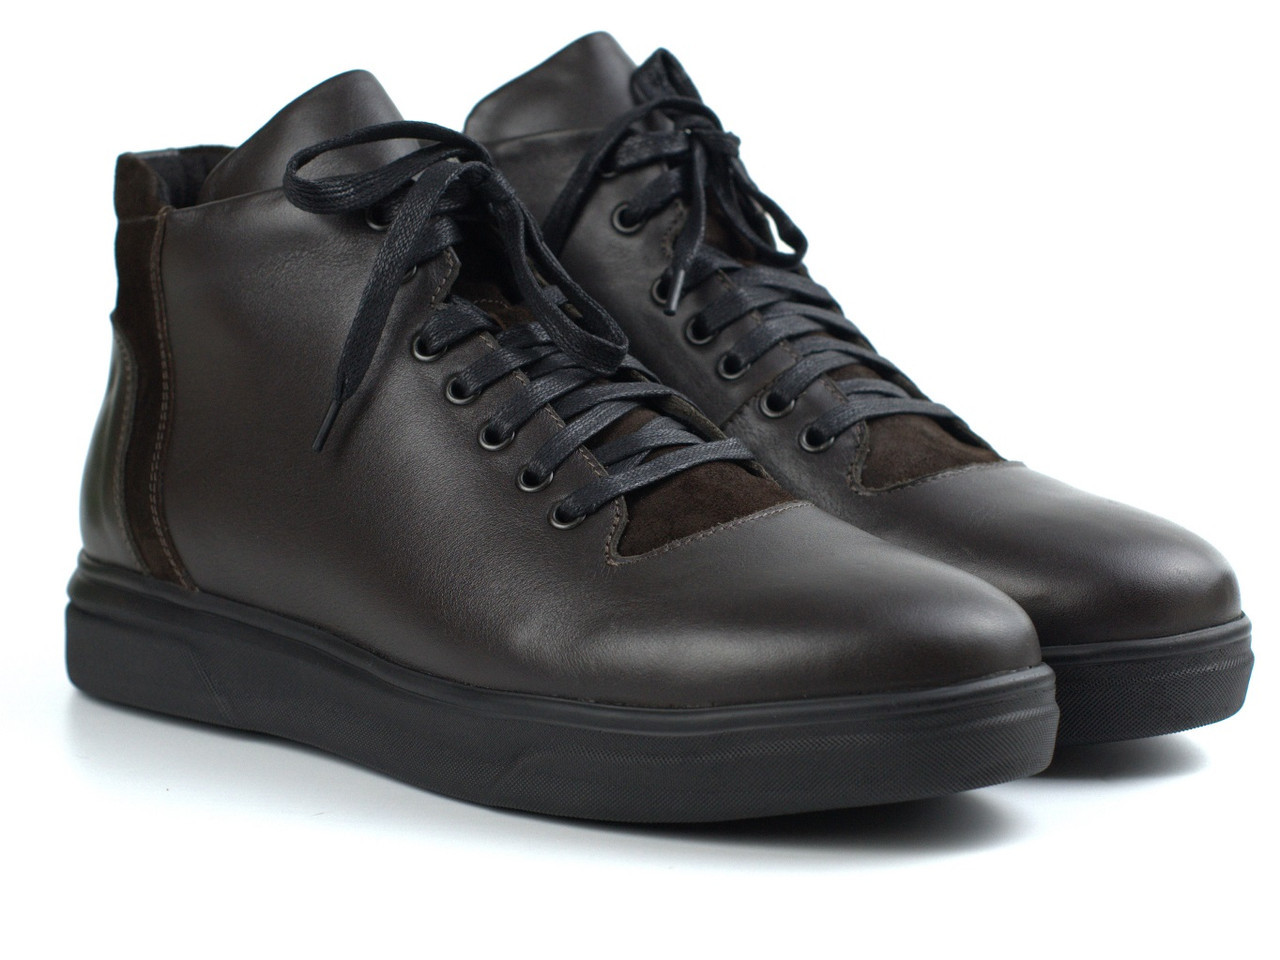 Зимние ботинки кожаные коричневые на меху мужская обувь Rosso Avangard North Lion 02-227 BS